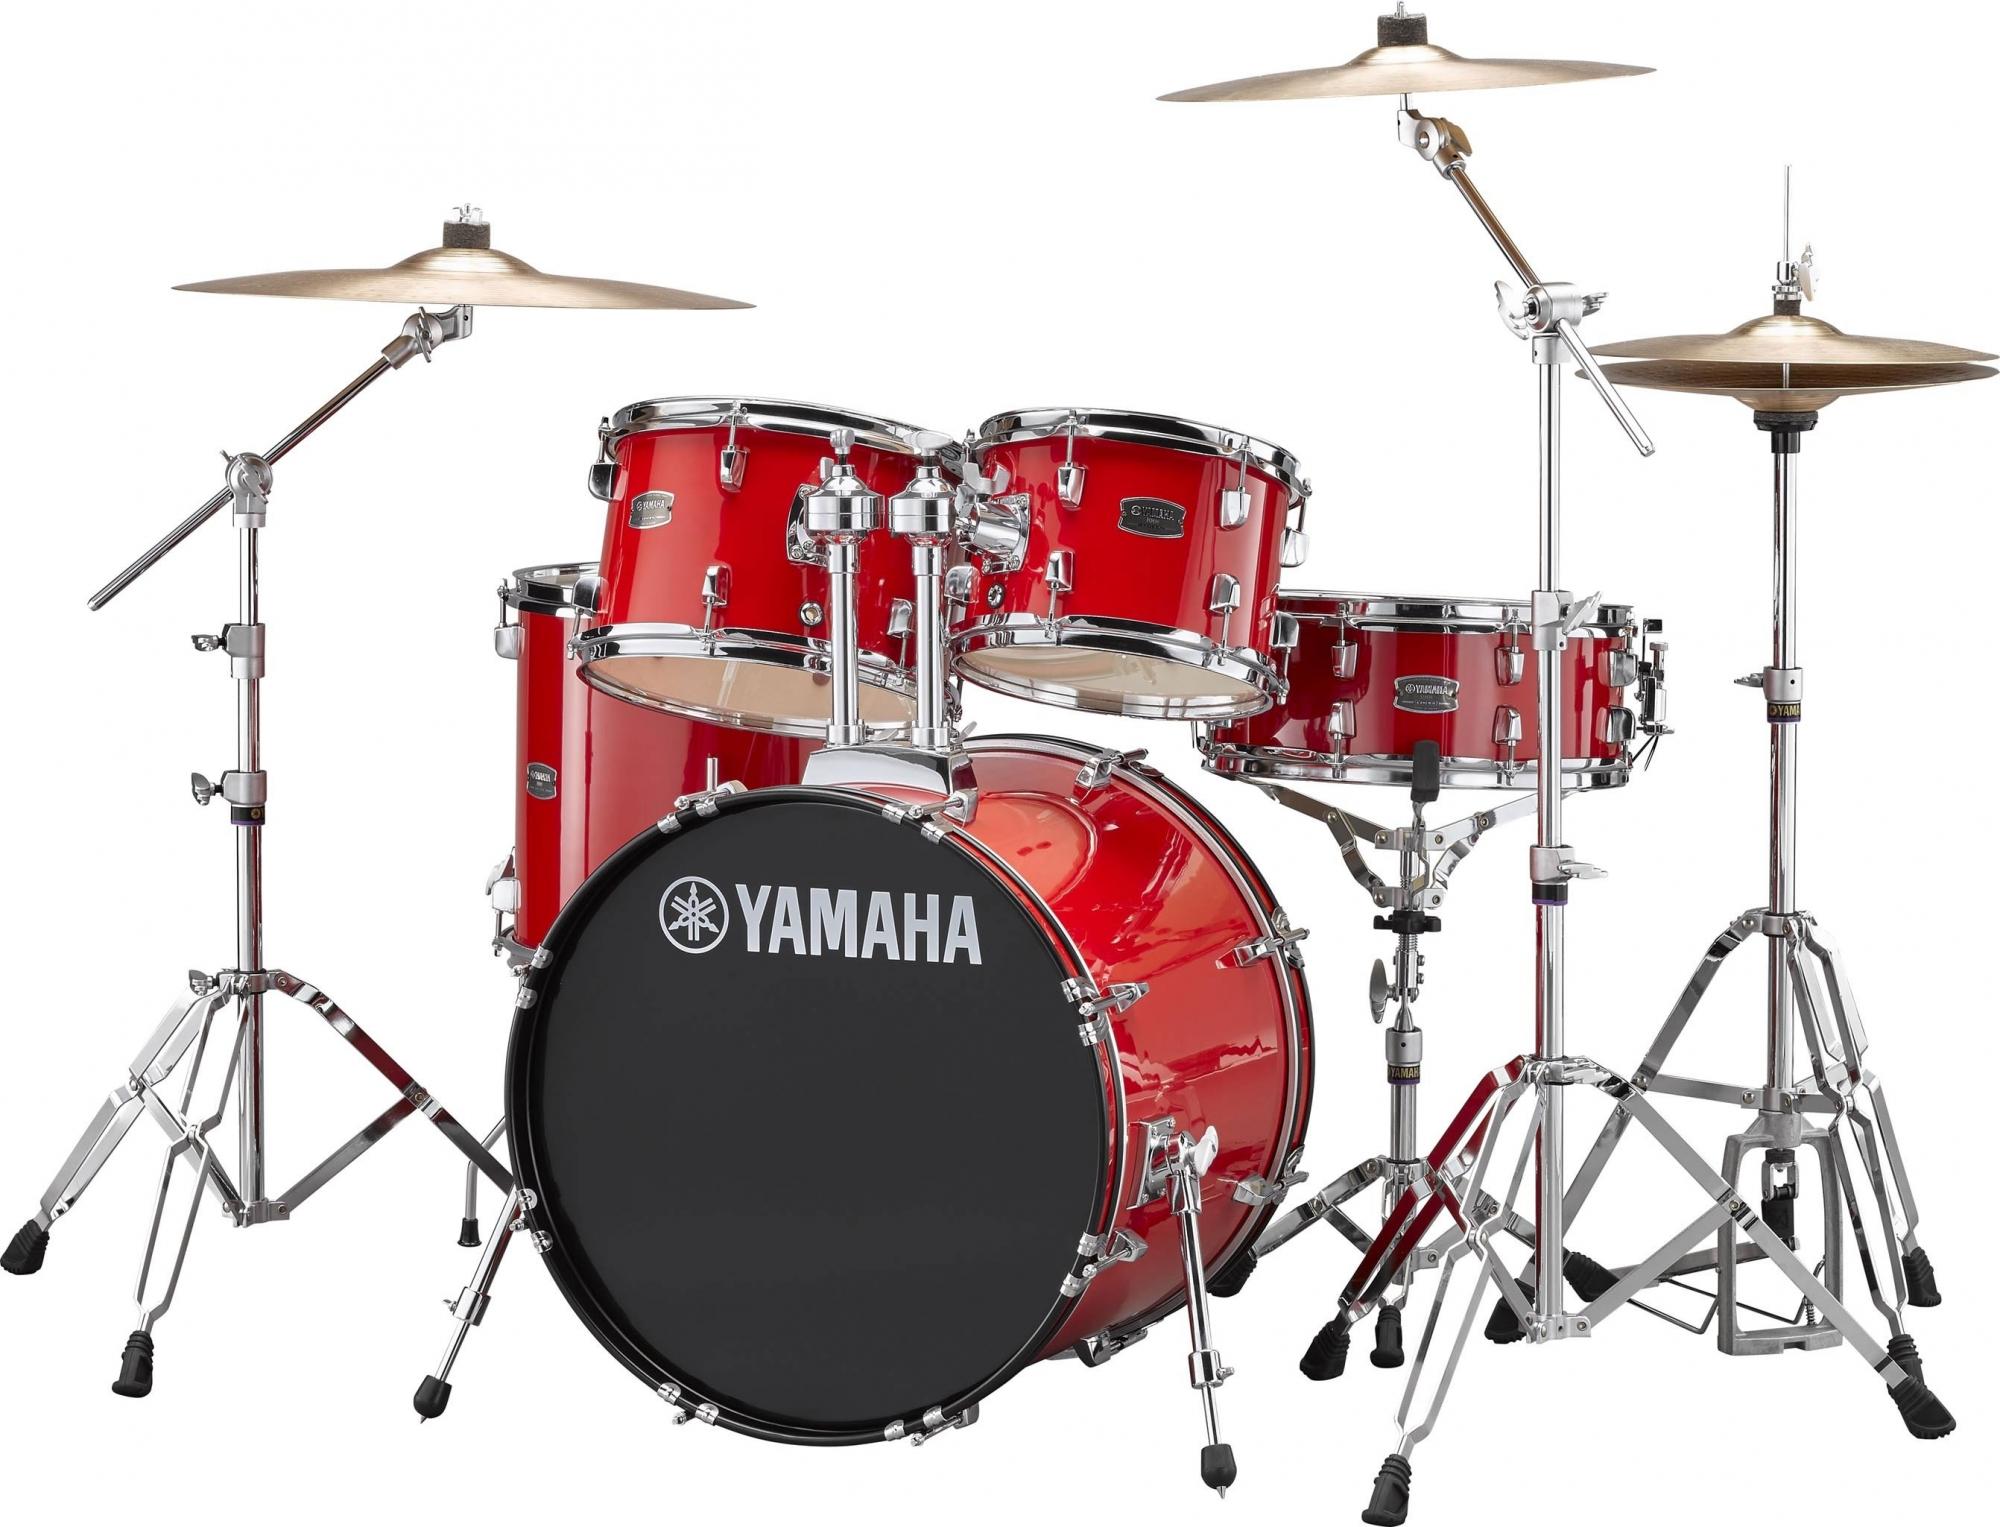 Yamaha RYDEEN Standard Trommesæt - inkl. bækkener & hardware Hot Red